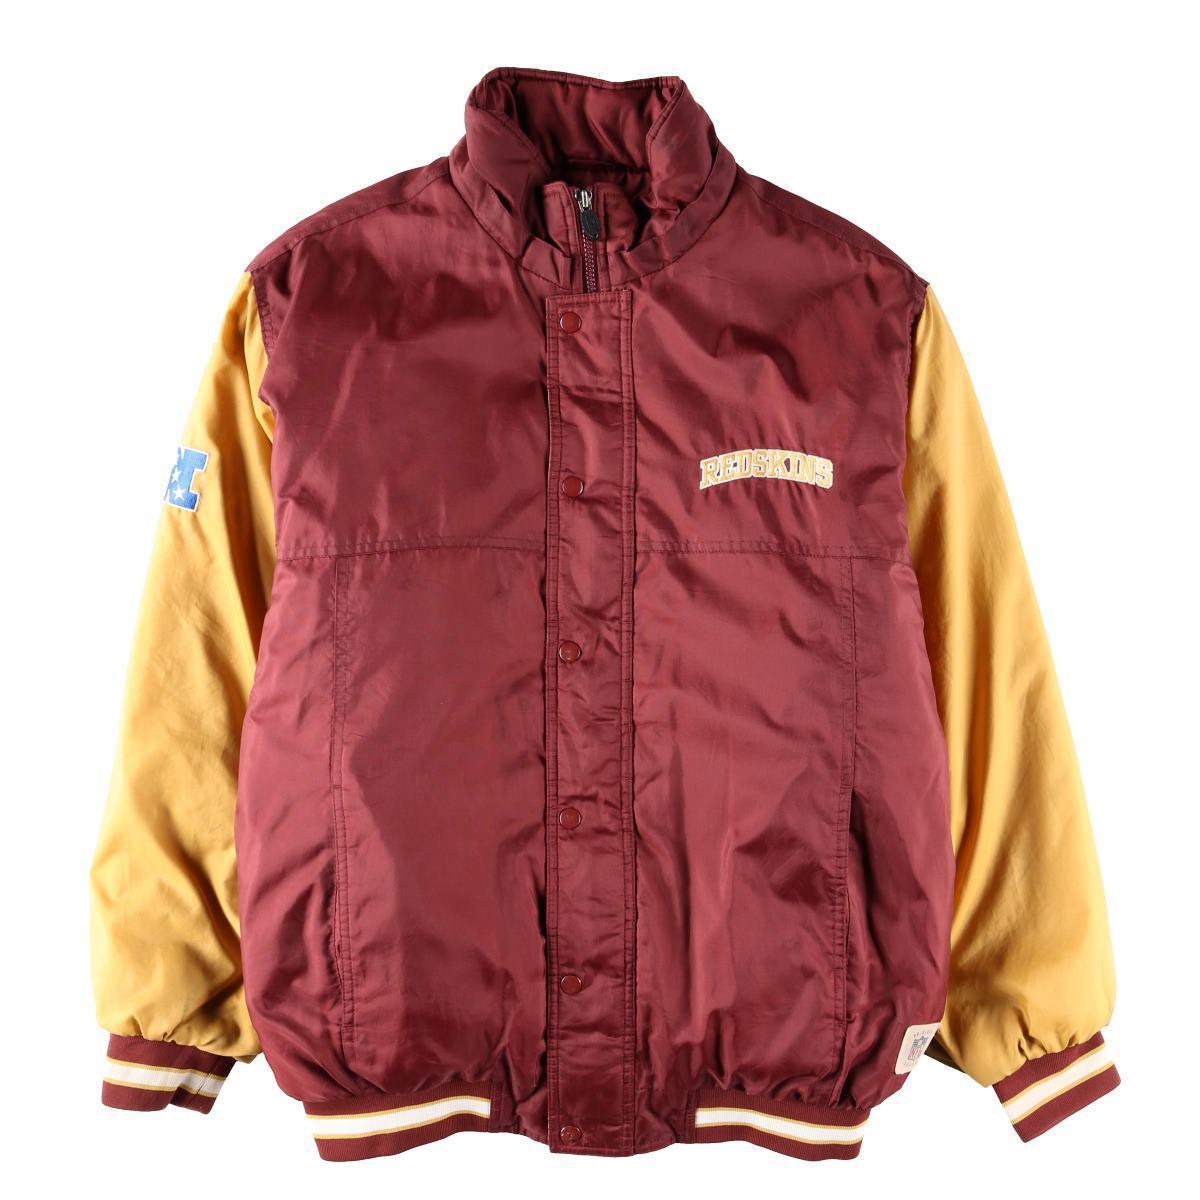 sale retailer b9c0e 9b532 Reebok Reebok NFL WASHINGTON REDSKINS Washington Redskins batting jacket  men M /wbe2172